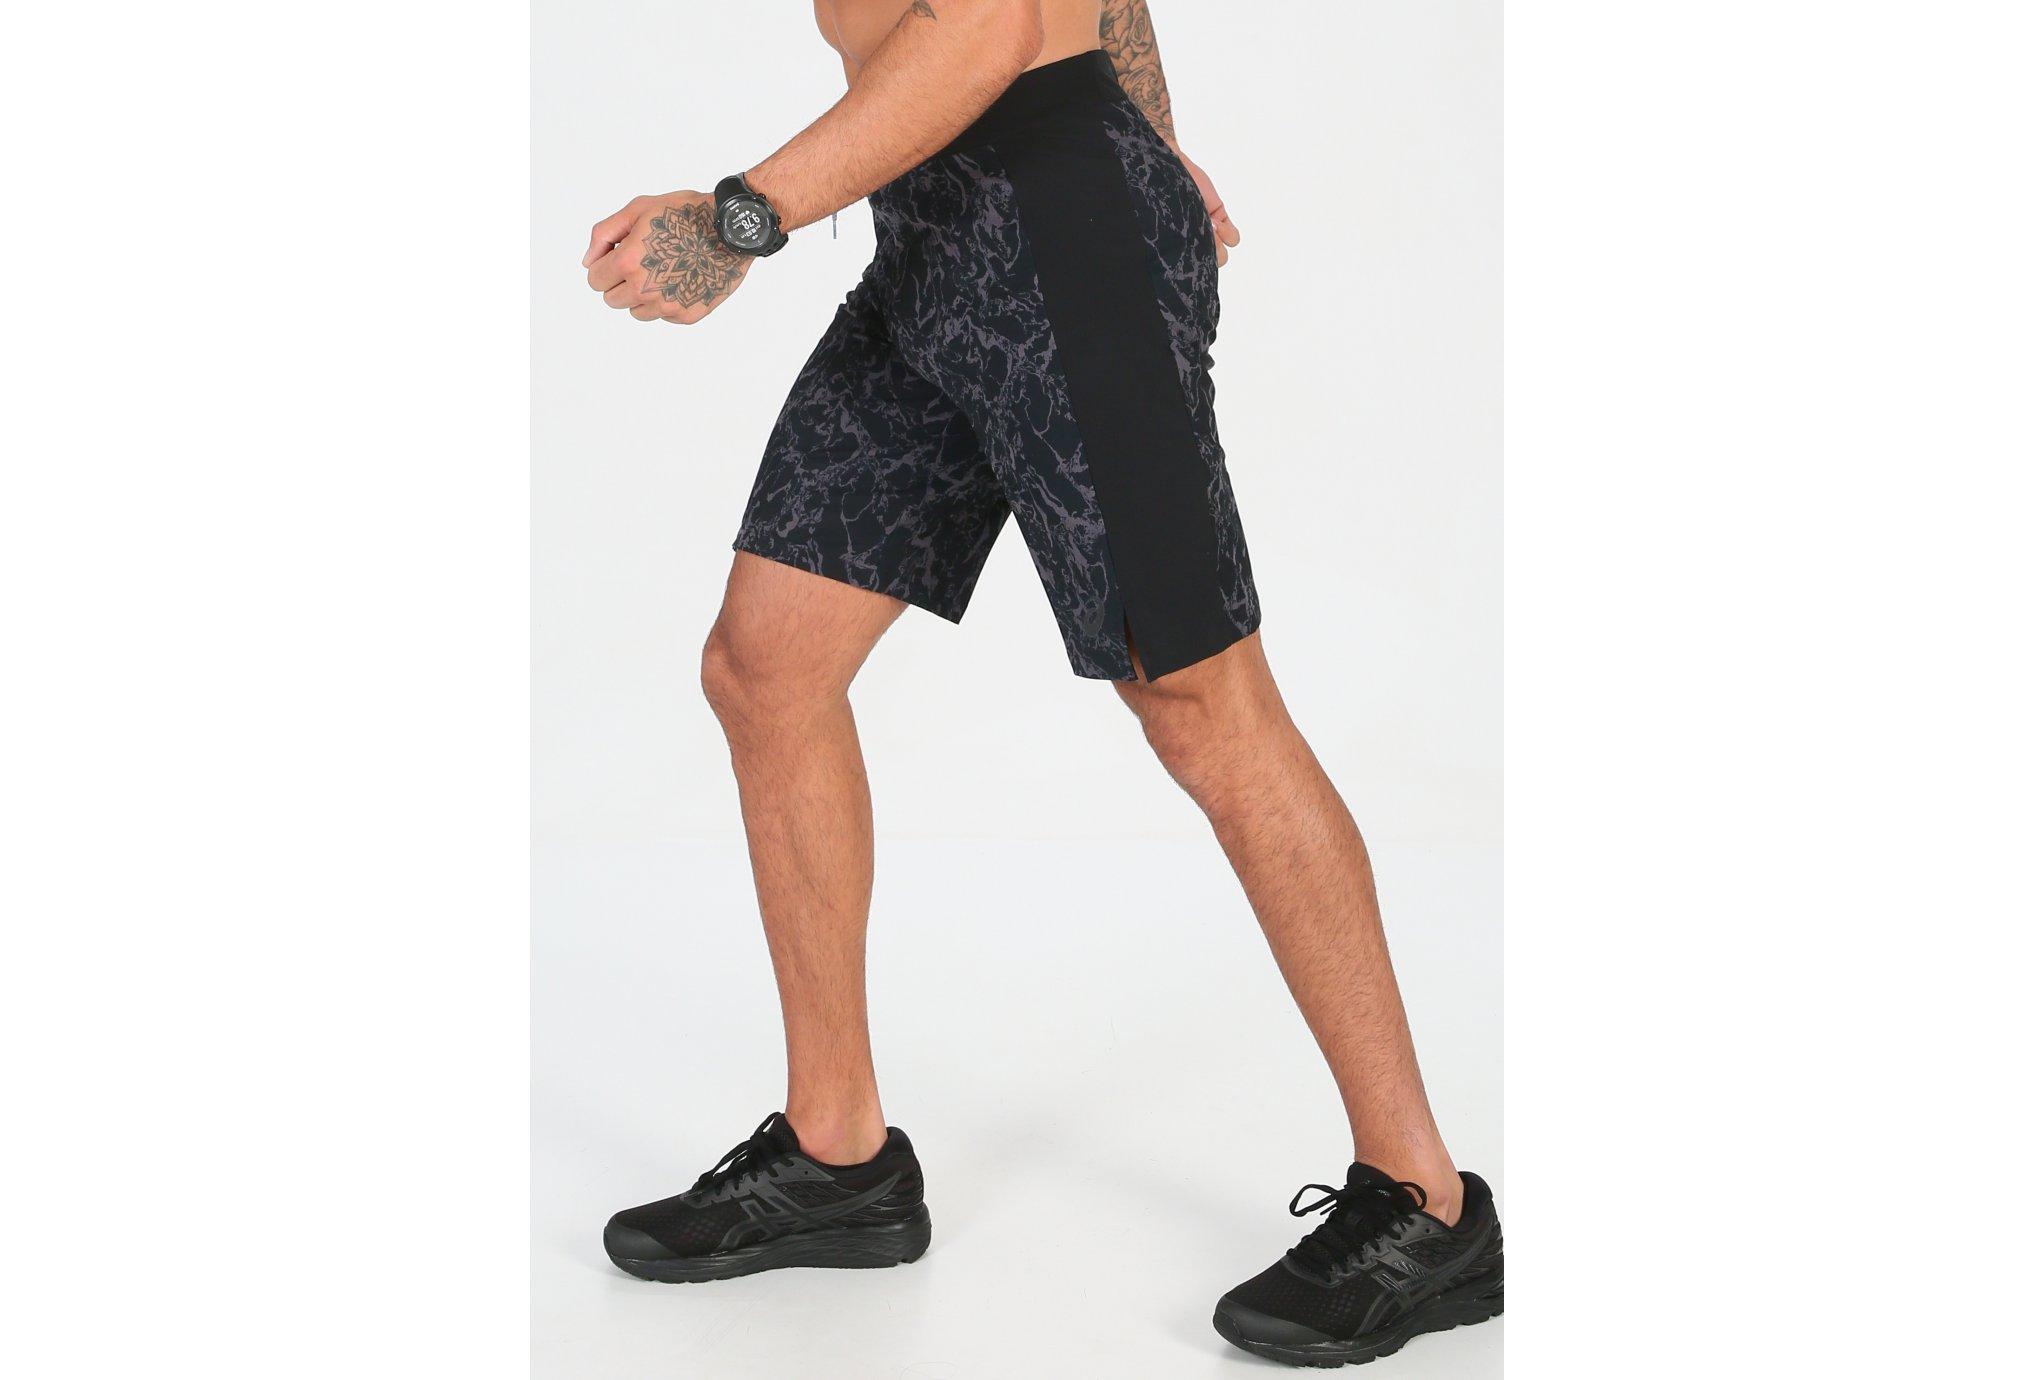 Asics Board Short 10inch M Diététique Vêtements homme